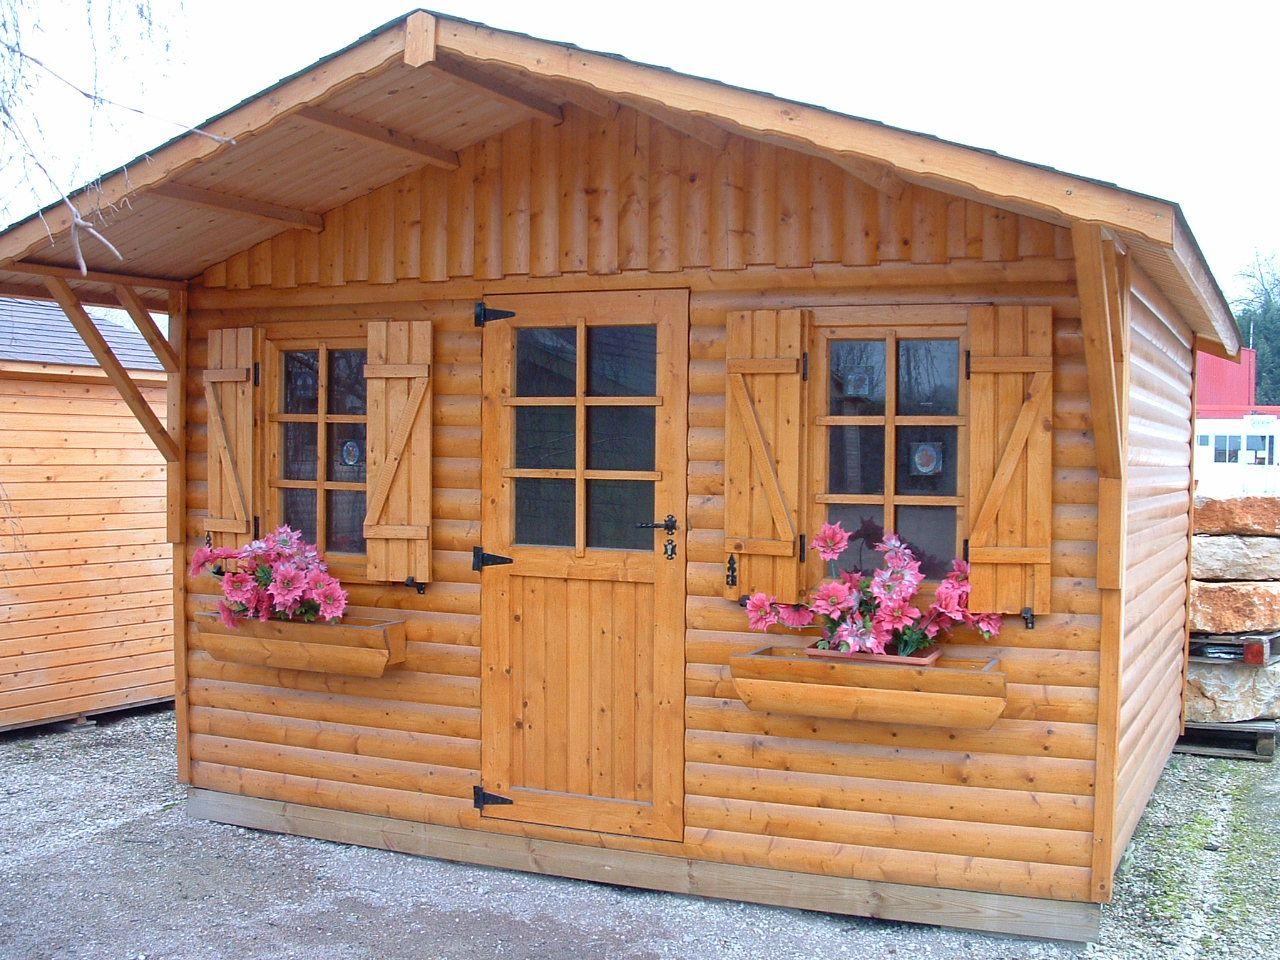 Abri jardin domont sapinr 350x300 1 cerisier abris de jardin en boiscerisier abris de - Abri de jardin bois original limoges ...